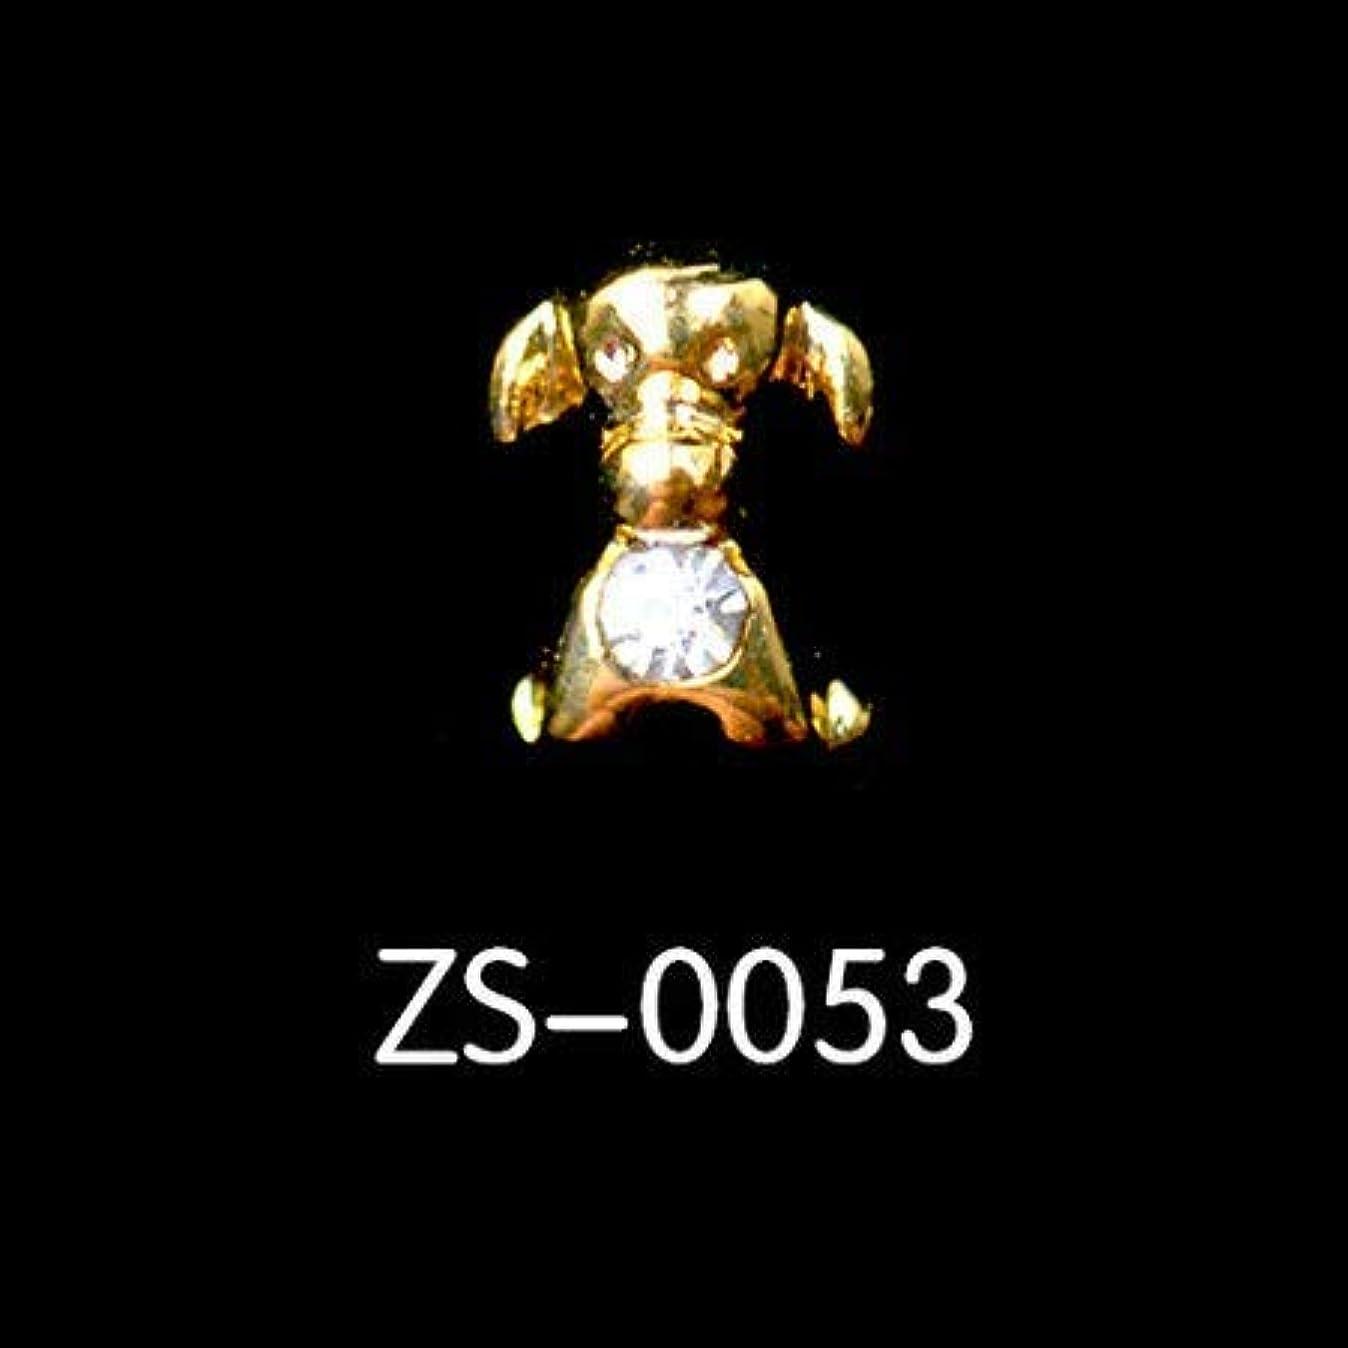 スラム保育園群れAiCheaX 20pcsかわいい動物デザイン3Dシルバー/ゴールド合金ネイルアートDIYラインストーンデコレーションメタルネイルアートアクセサリーネイルジュエリー-(色:ZS0053)